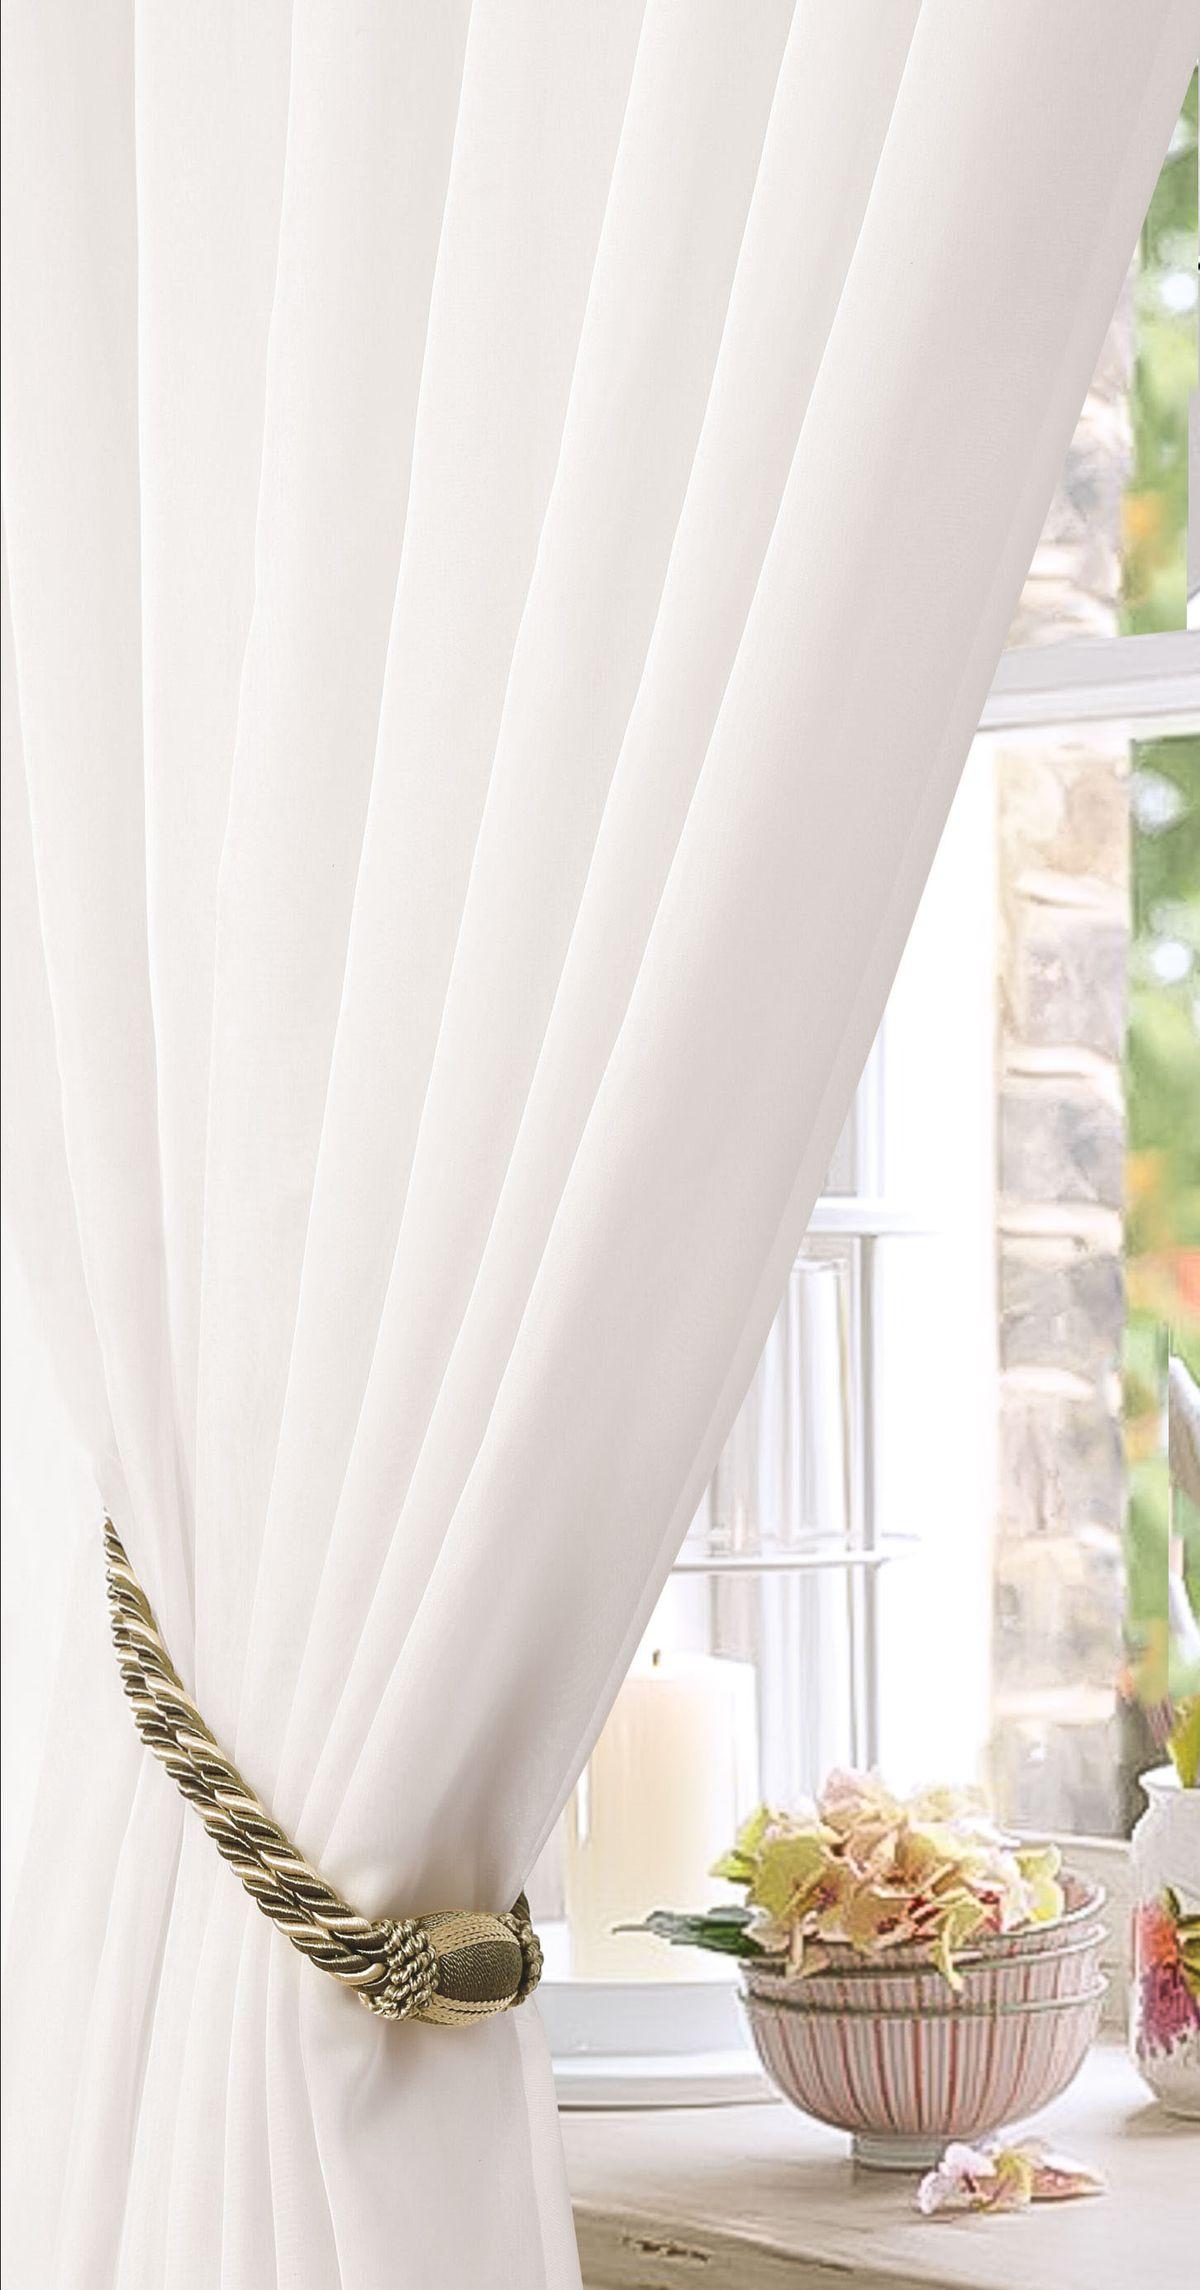 Штора готовая Garden, на ленте, цвет: белый, высота 270 см. С W191 450х270 V70000С W191 450х270 V70000Изящная штора для гостиной Garden выполнена из полиэстера. Она станет великолепным украшением любого окна. Воздушная ткань и приятная текстура создаст неповторимую атмосферу в вашем доме. Штора крепится на карниз при помощи ленты, которая поможет красиво и равномерно задрапировать верх.